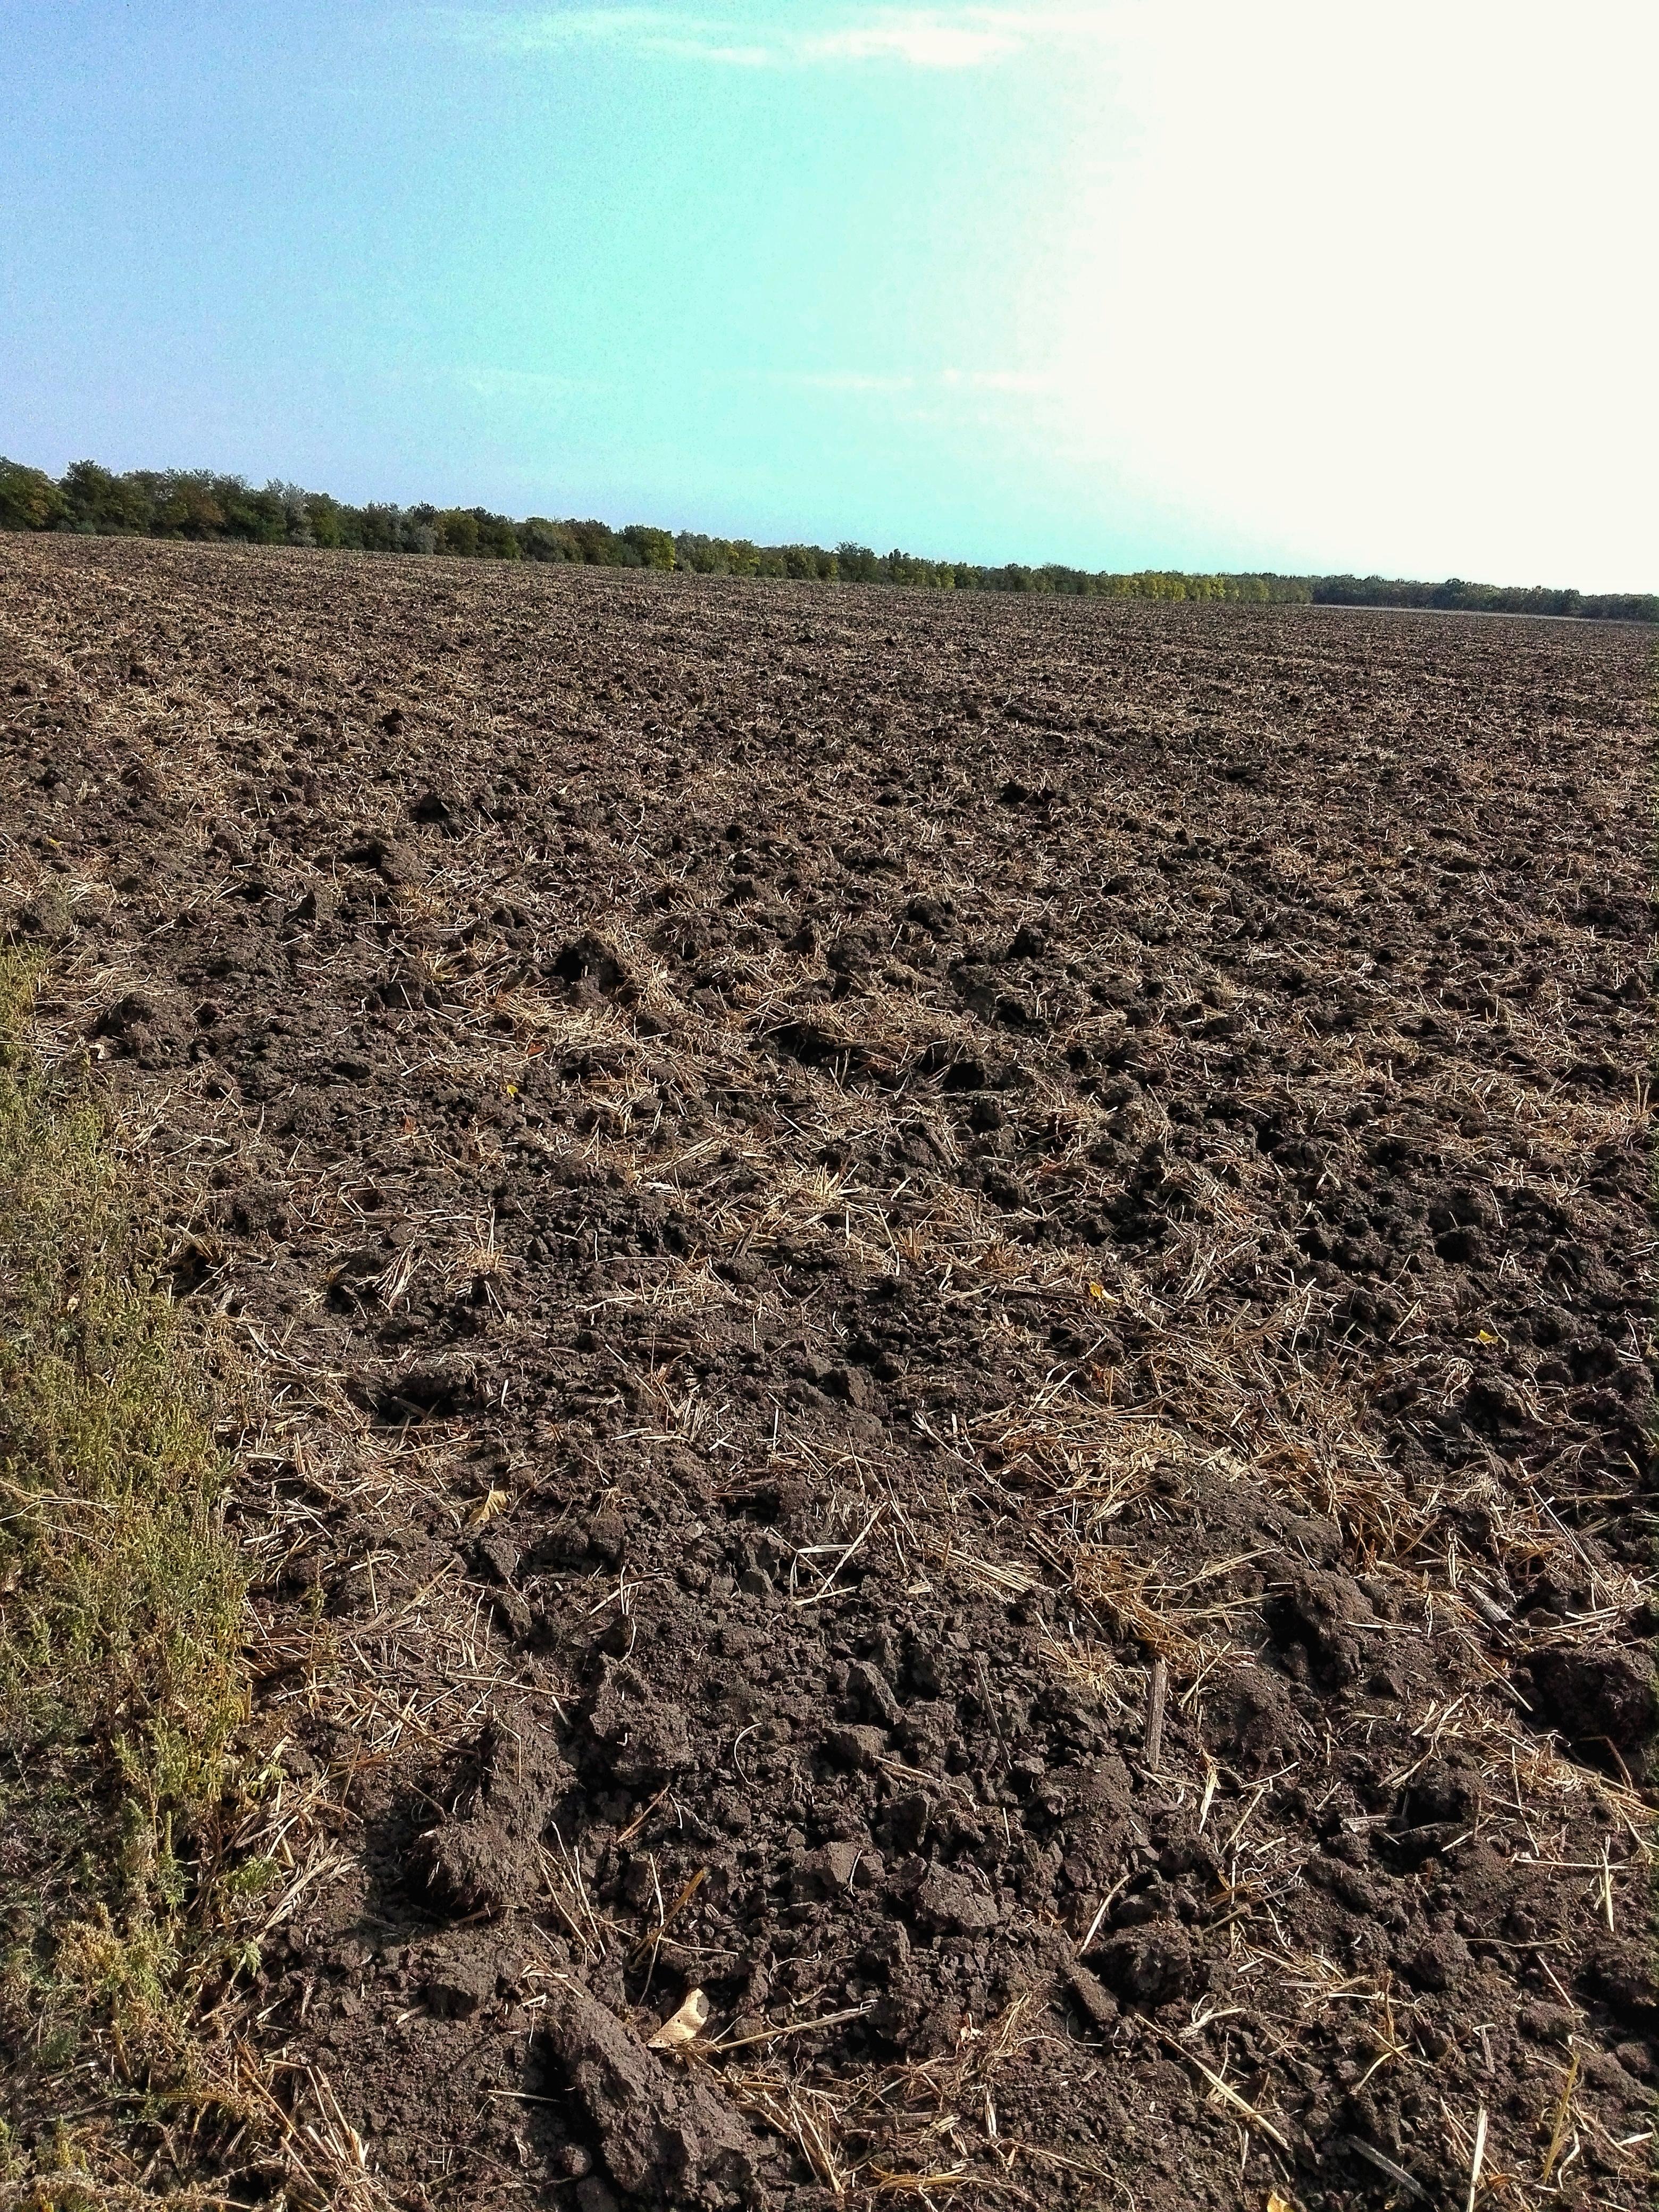 зорана земля у полі